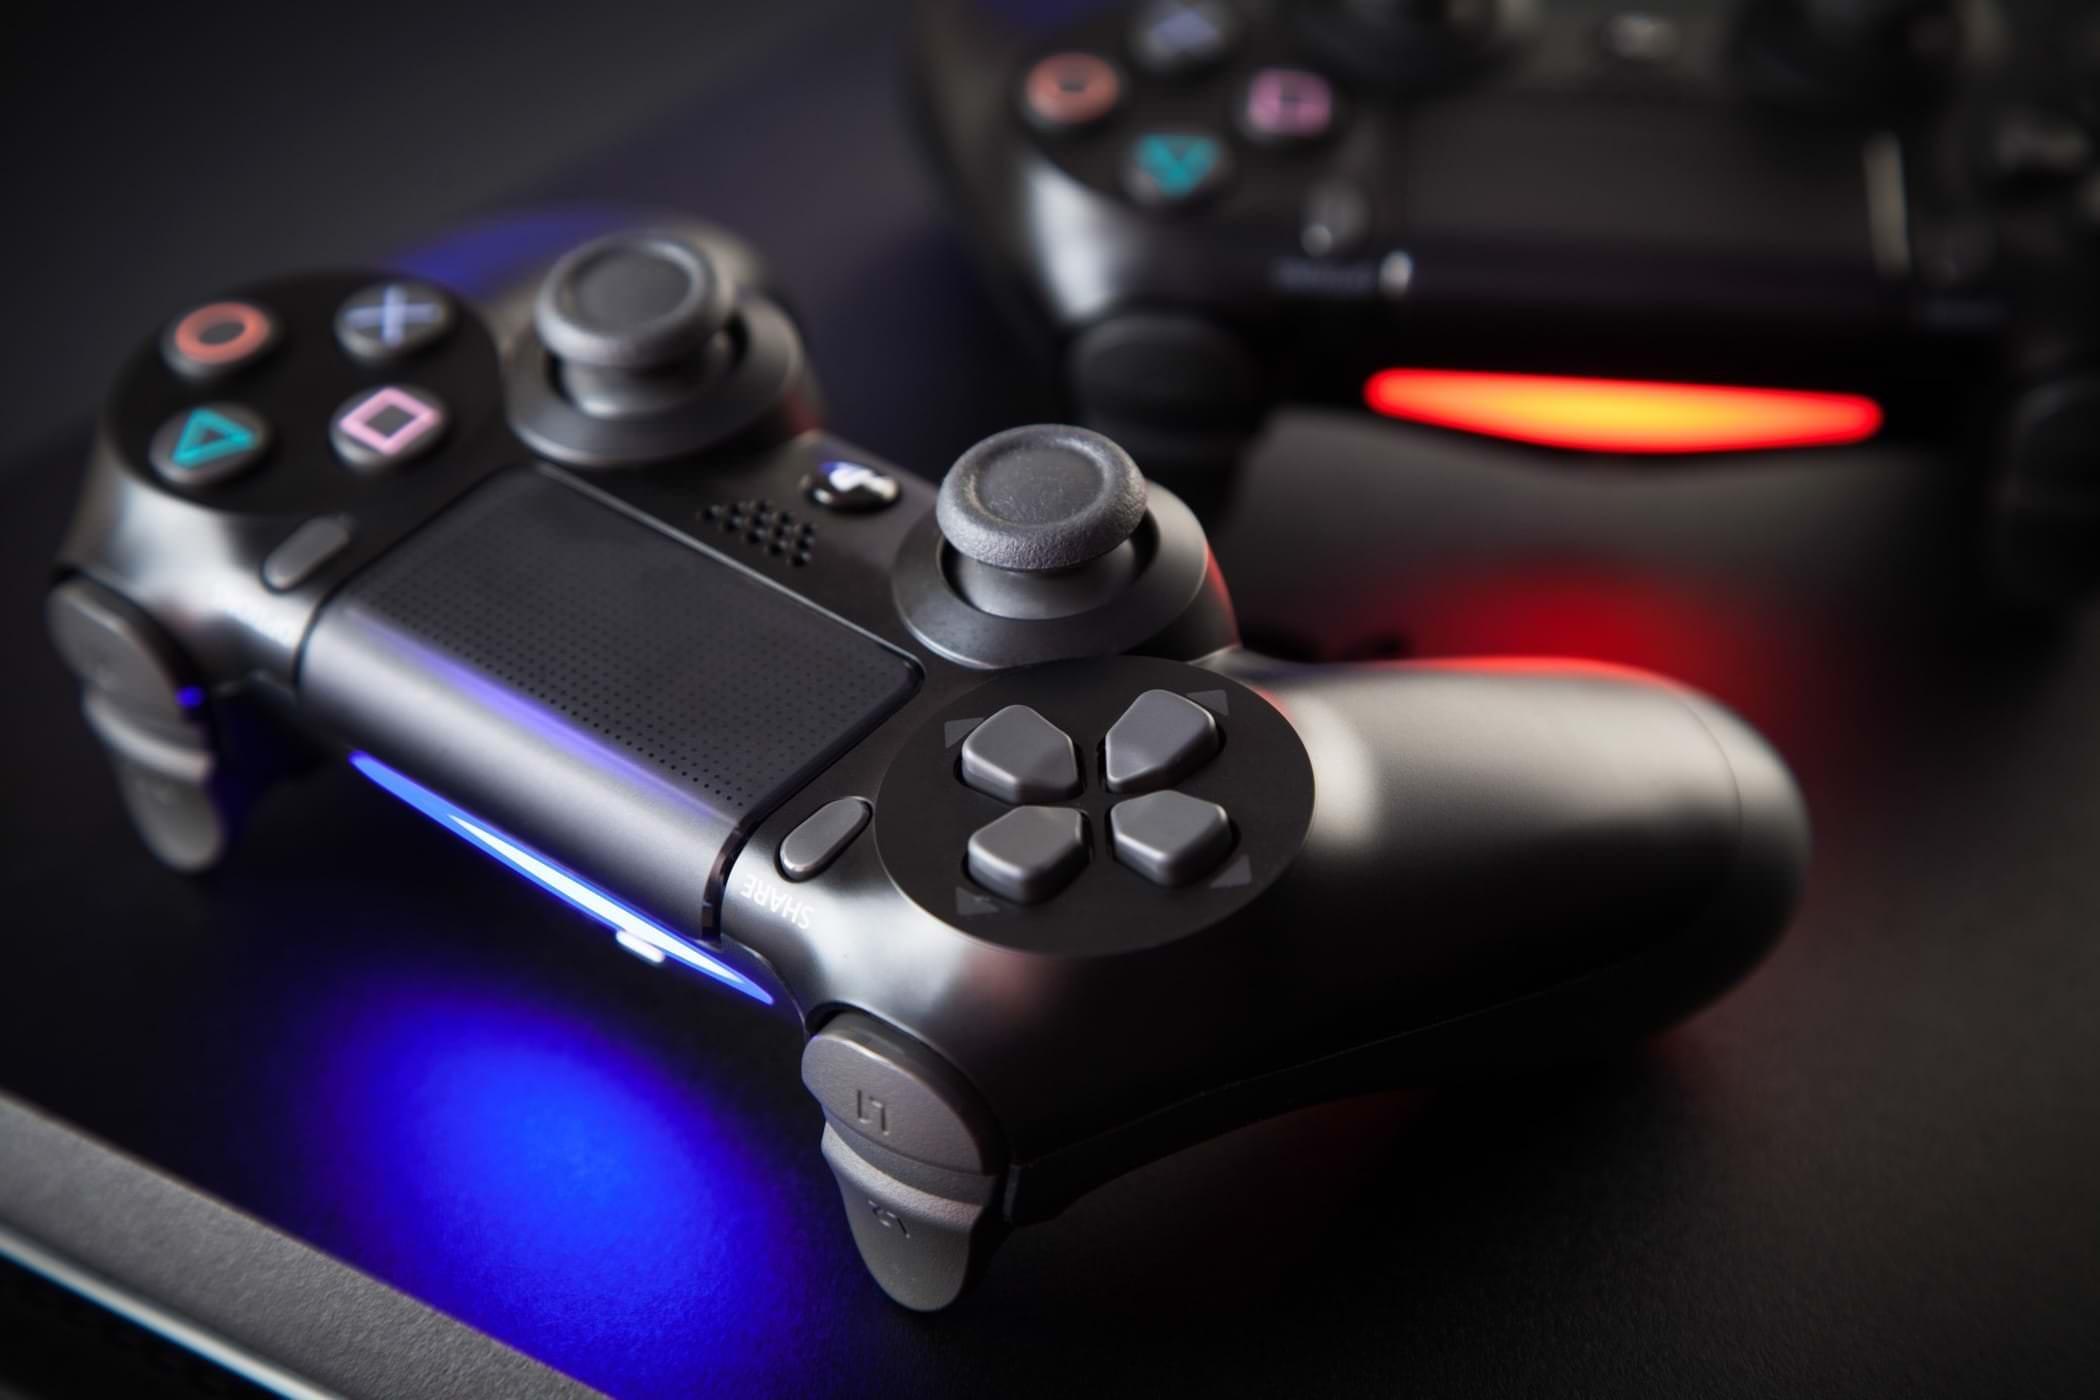 I to jest news! Premiera PlayStation 5 na Gwiazdkę 2020 22